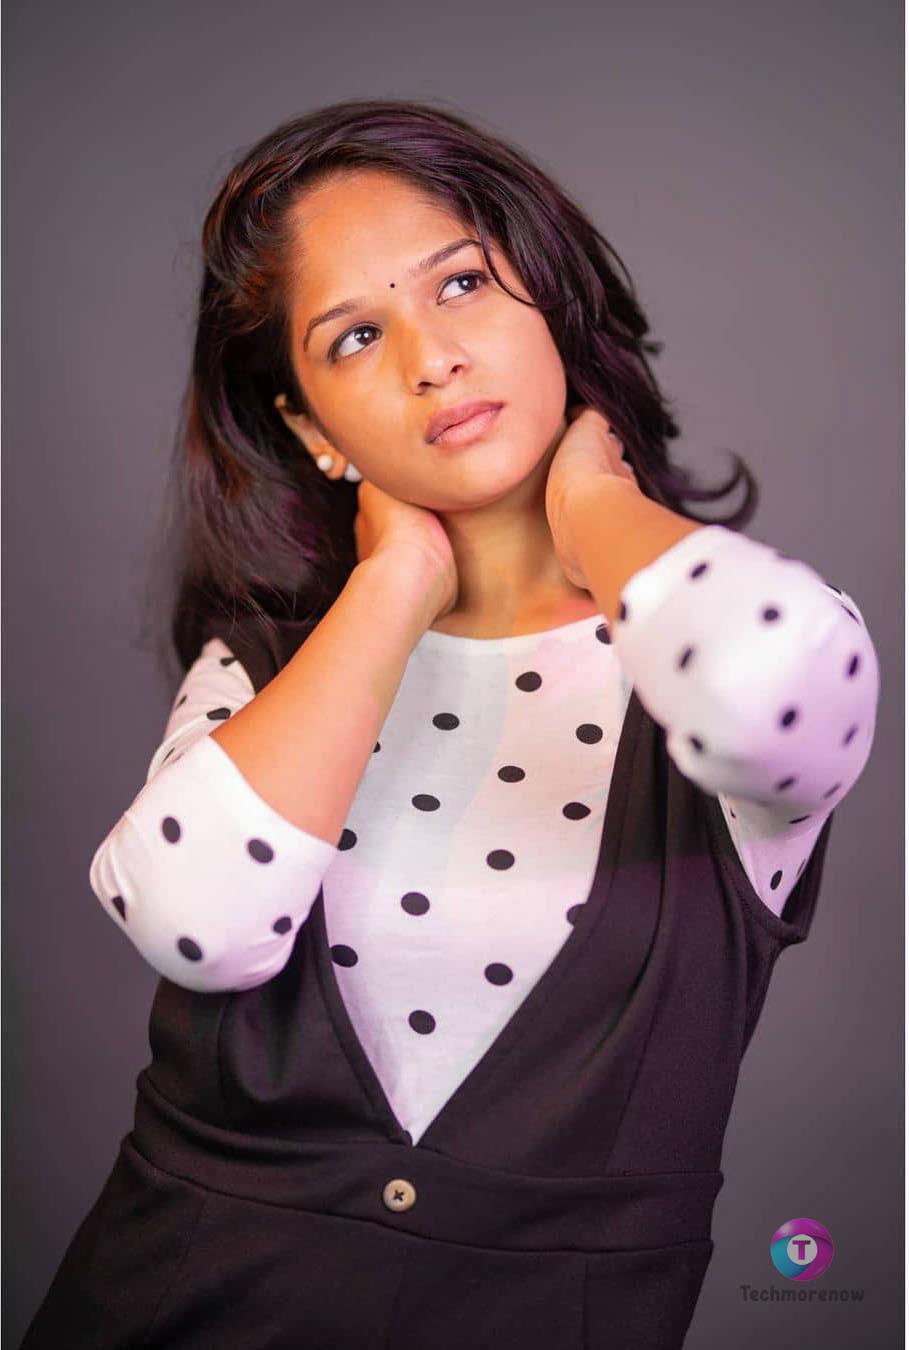 Nithya Bhargav Case